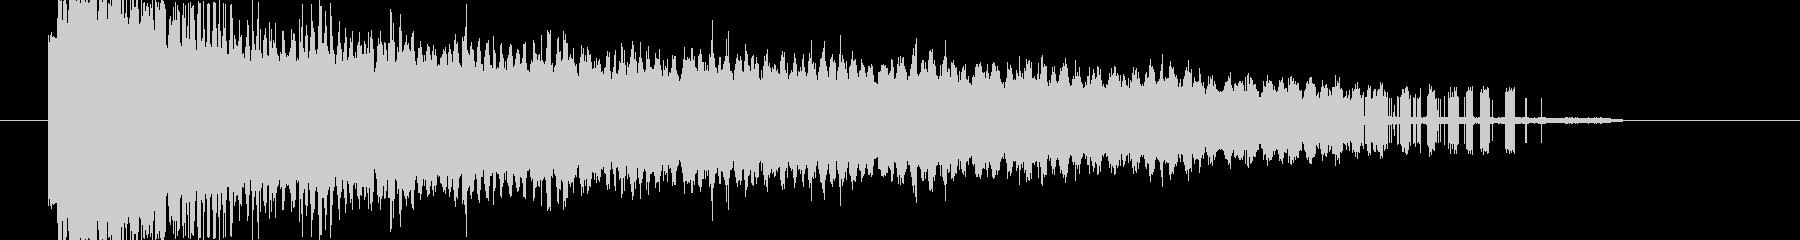 ディストーションスイープバージョン3の未再生の波形